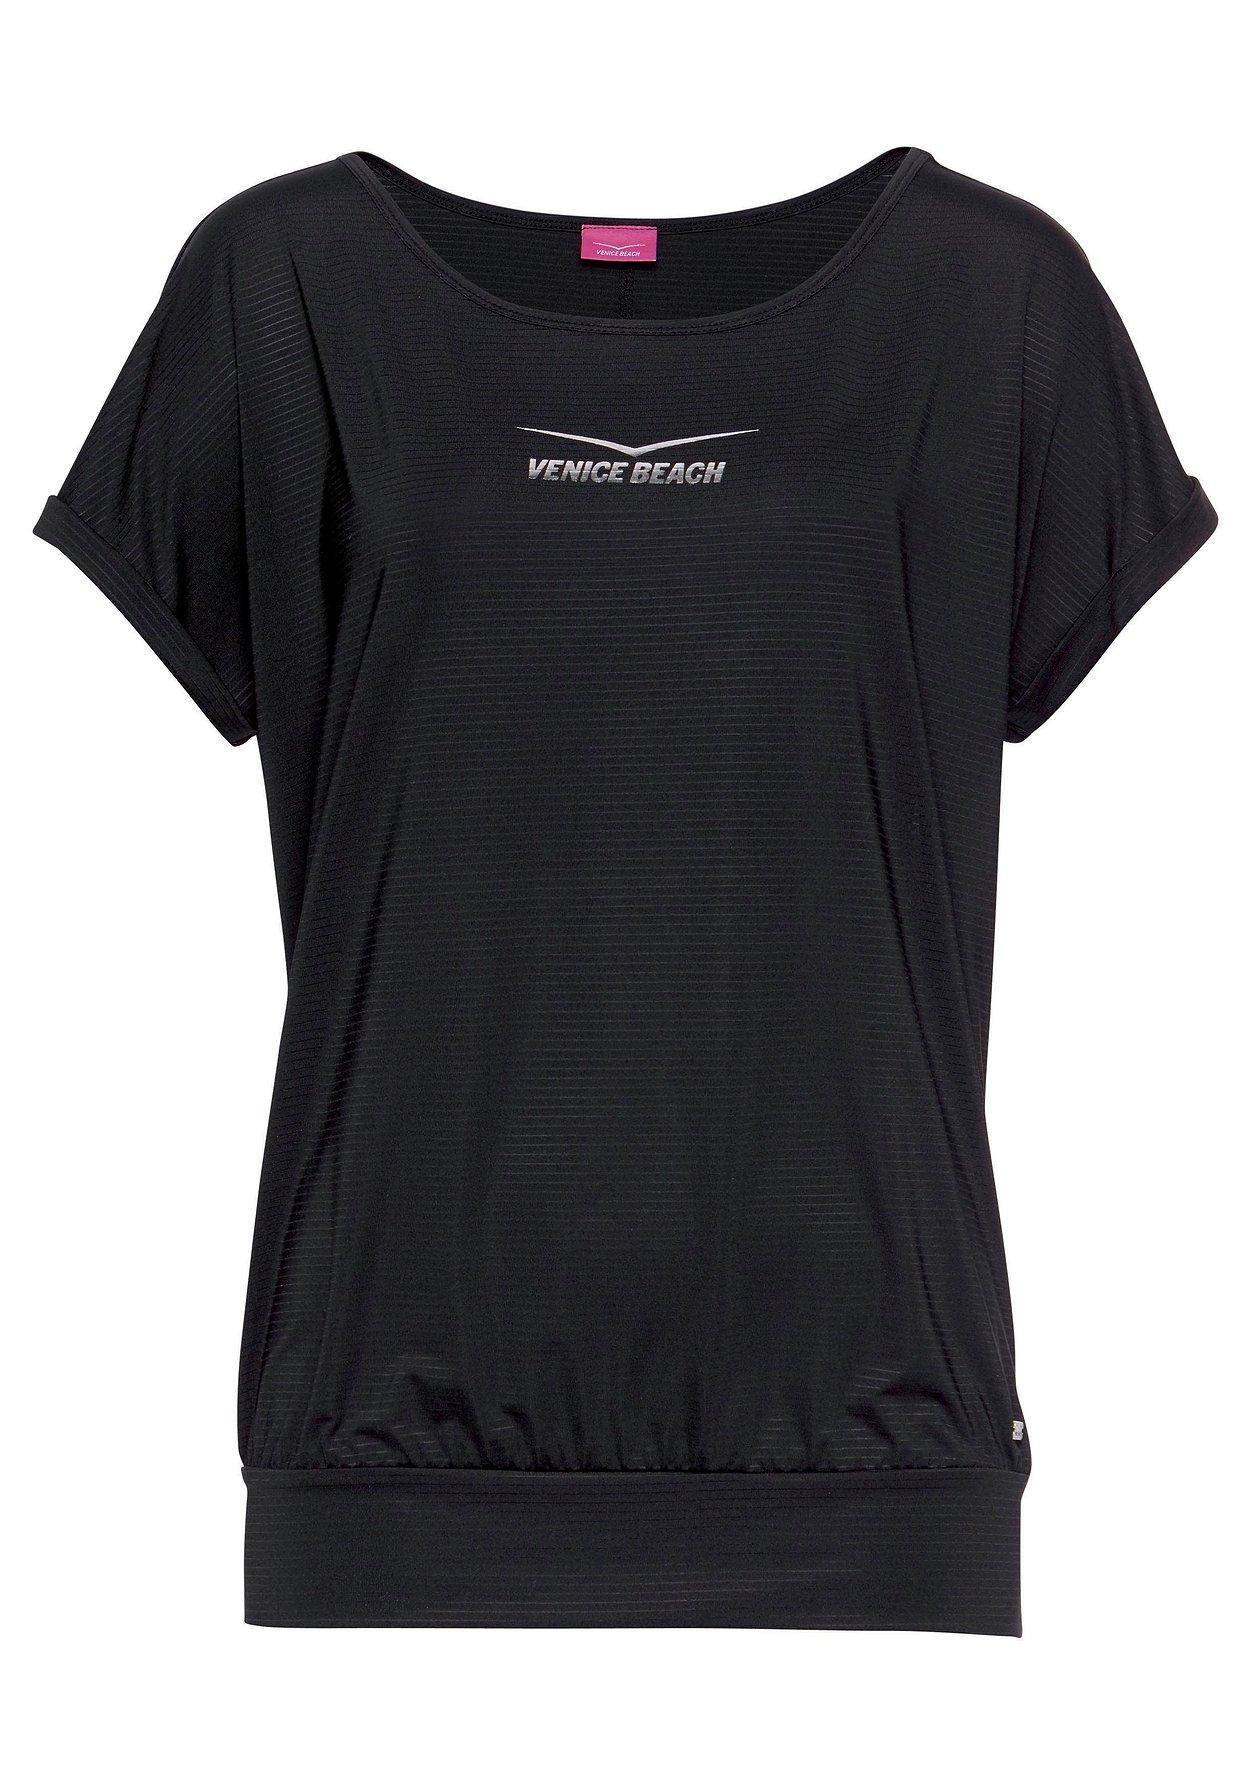 Talsohle Preis Verkauf Einzelhändler Turnschuhe für billige Venice Beach Funktionsshirt - schwarz   sheego